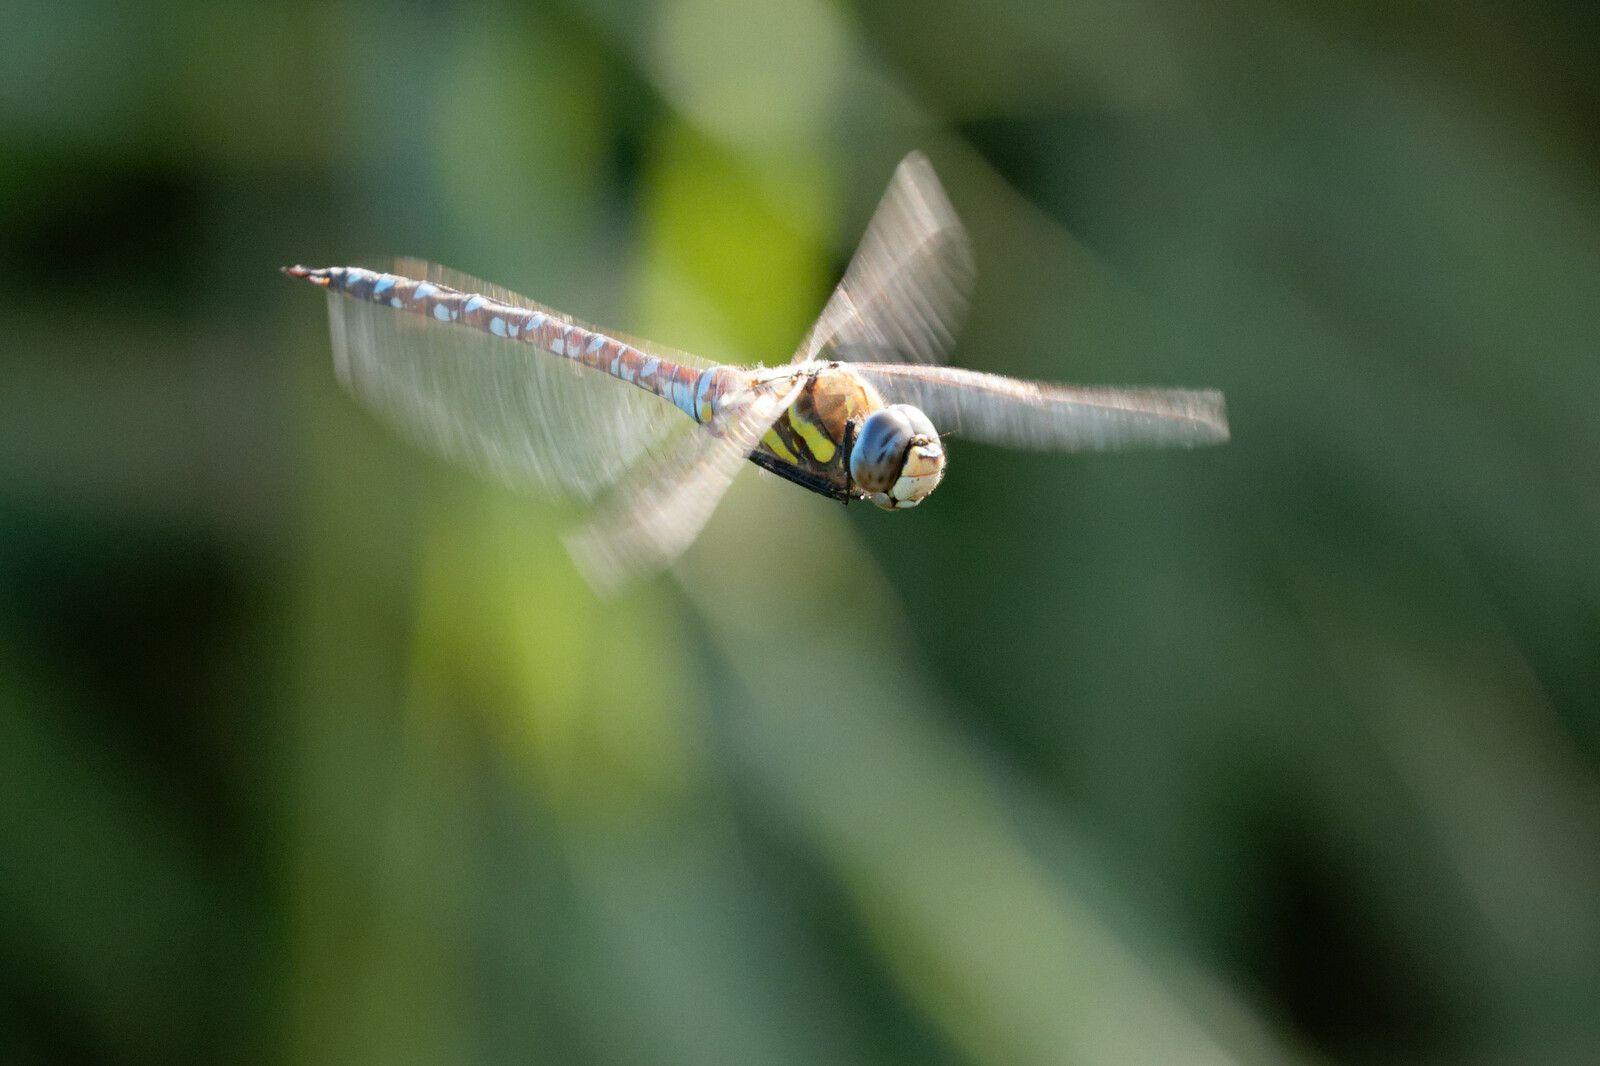 Aeschne mixte à son poste également. Sa saison s'annonce bien, il fait beau et les petites créatures volantes sont bien là.